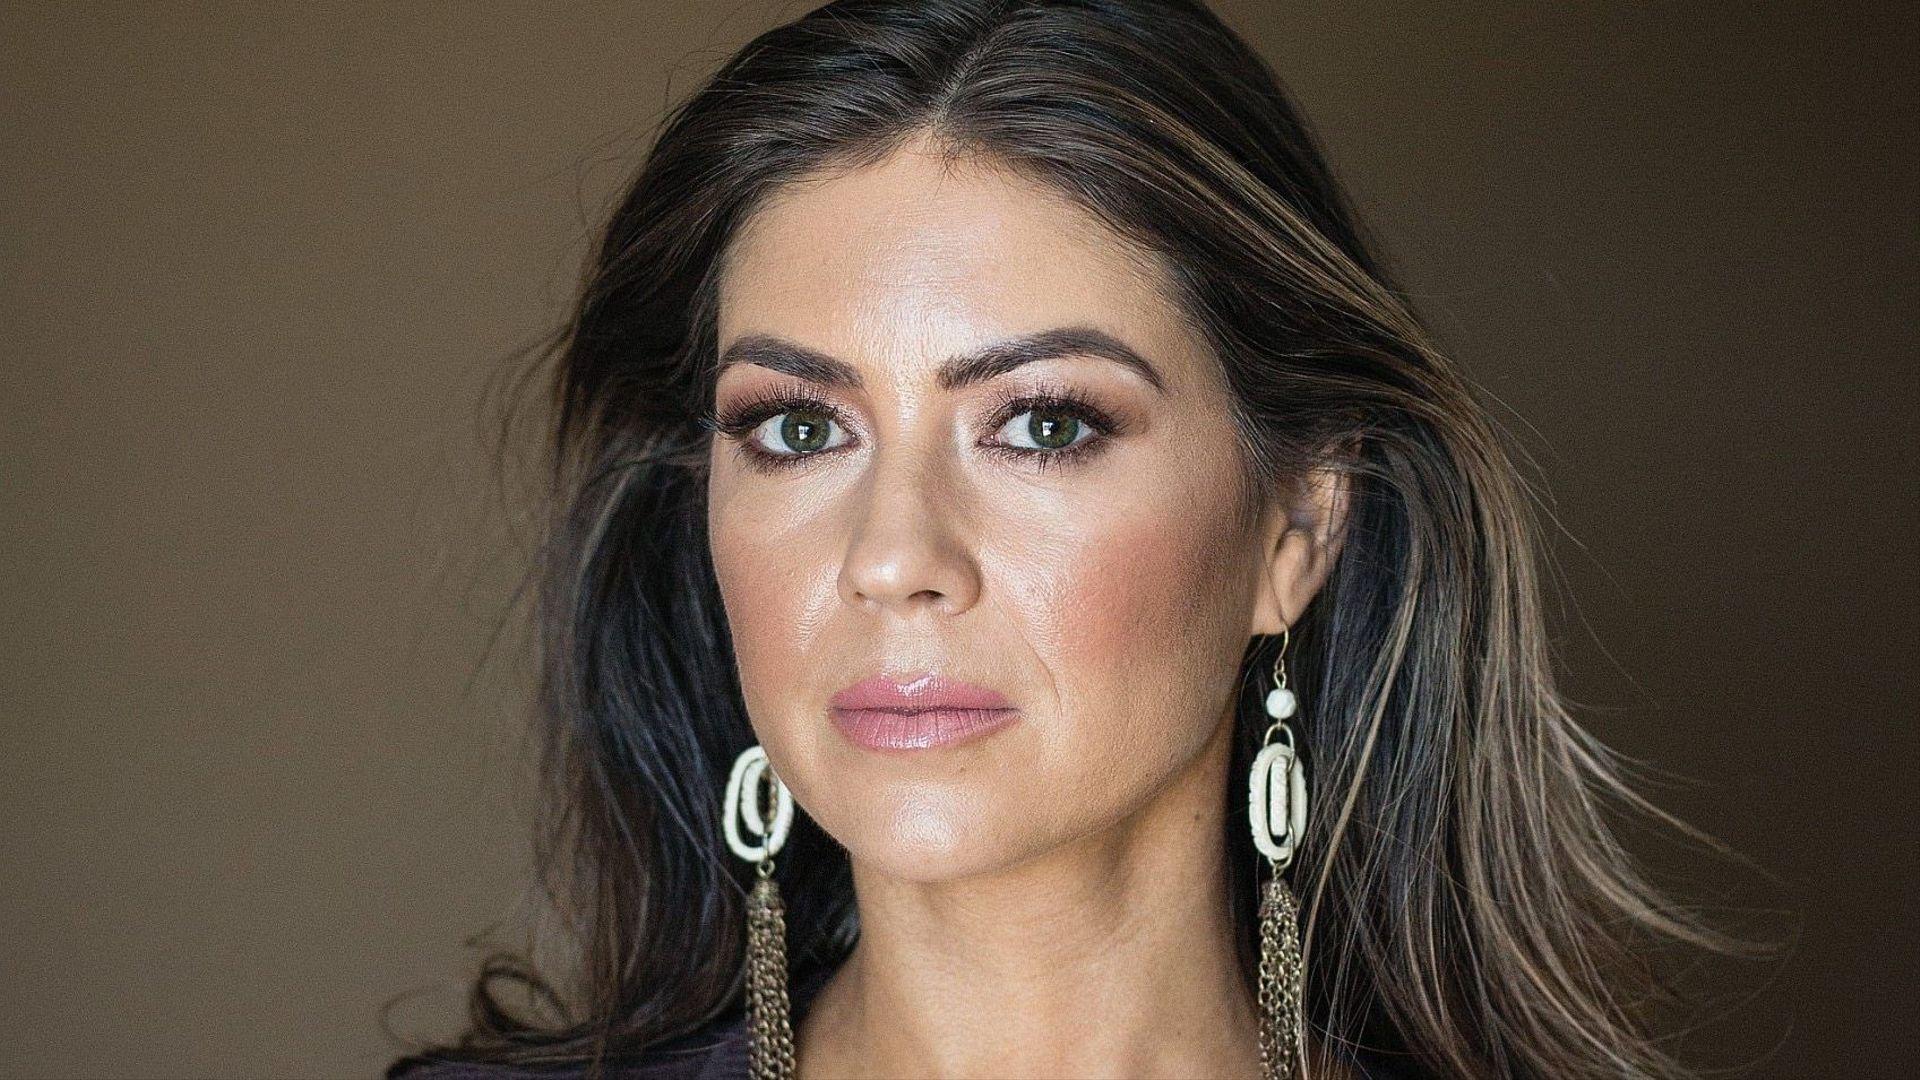 کریستیانو رونالدو فوتبالیست مشهور پرتغالی و عضو کنونی تیم یوونتوس به تجاوز به مدلی به نام کاترین مایورگا در سال 2009 متهم شده است.